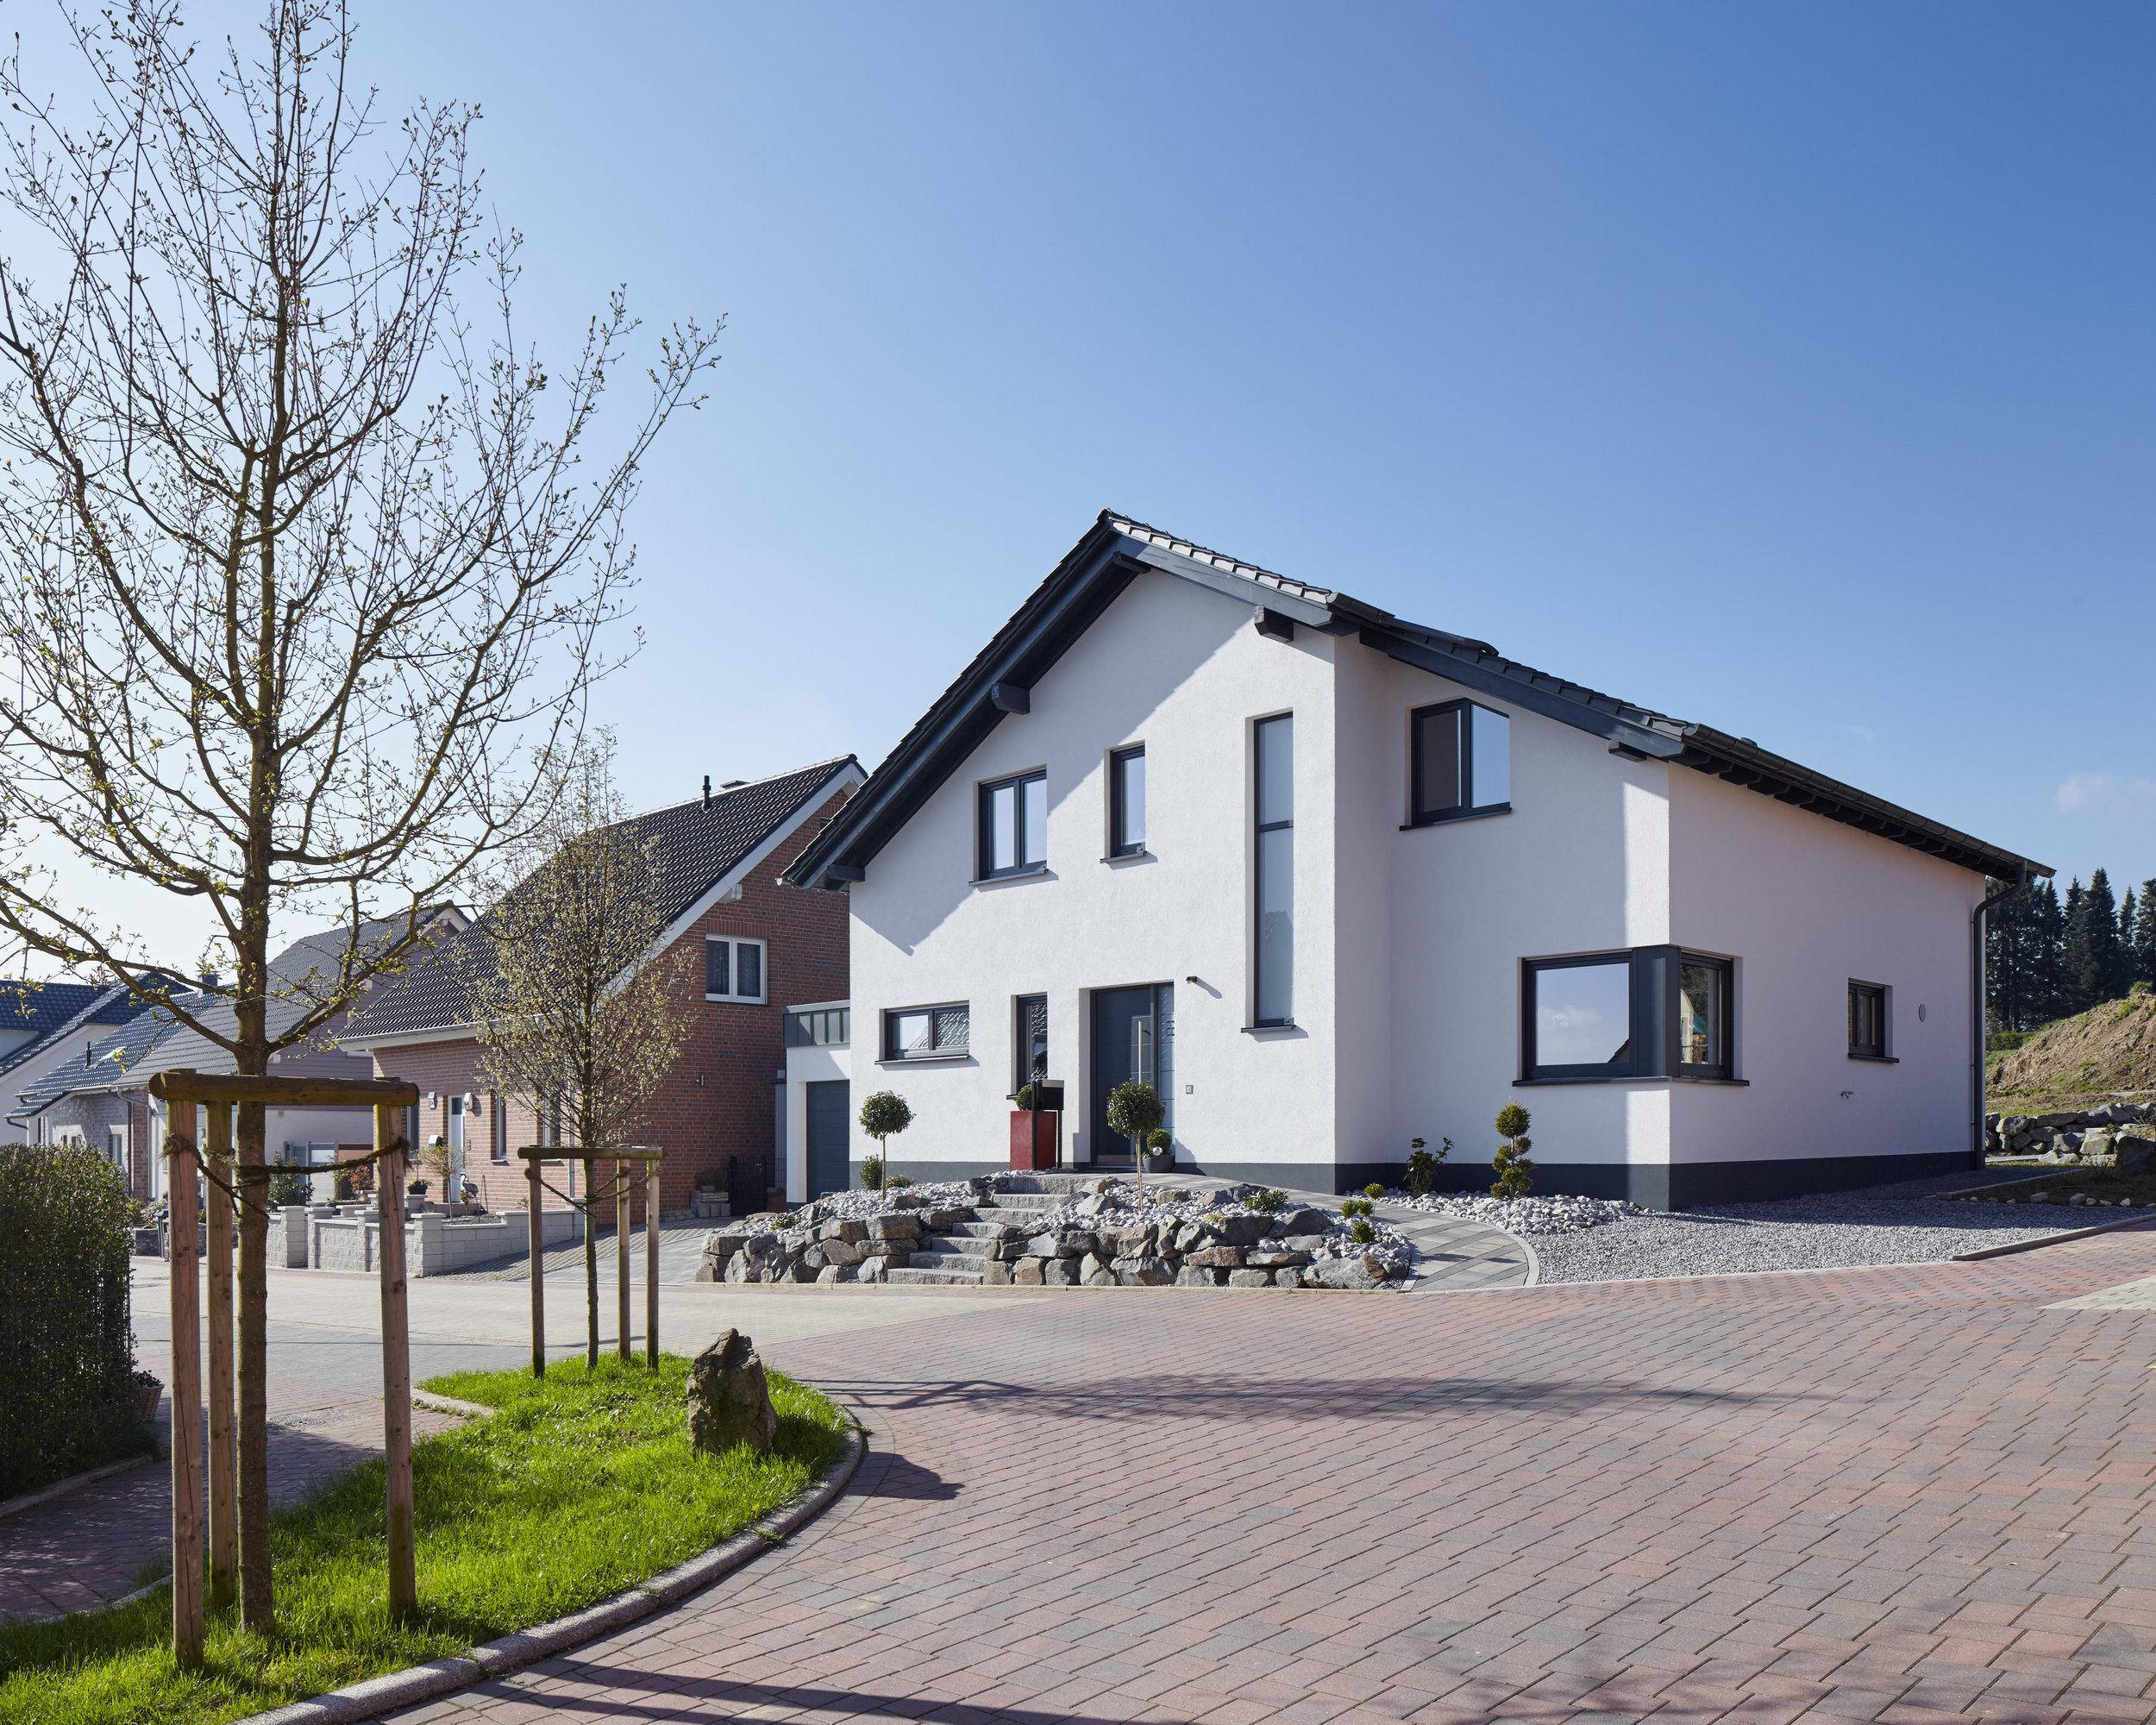 einfamilienhaus-bauen mit der sonne-ennepetal-05.jpg